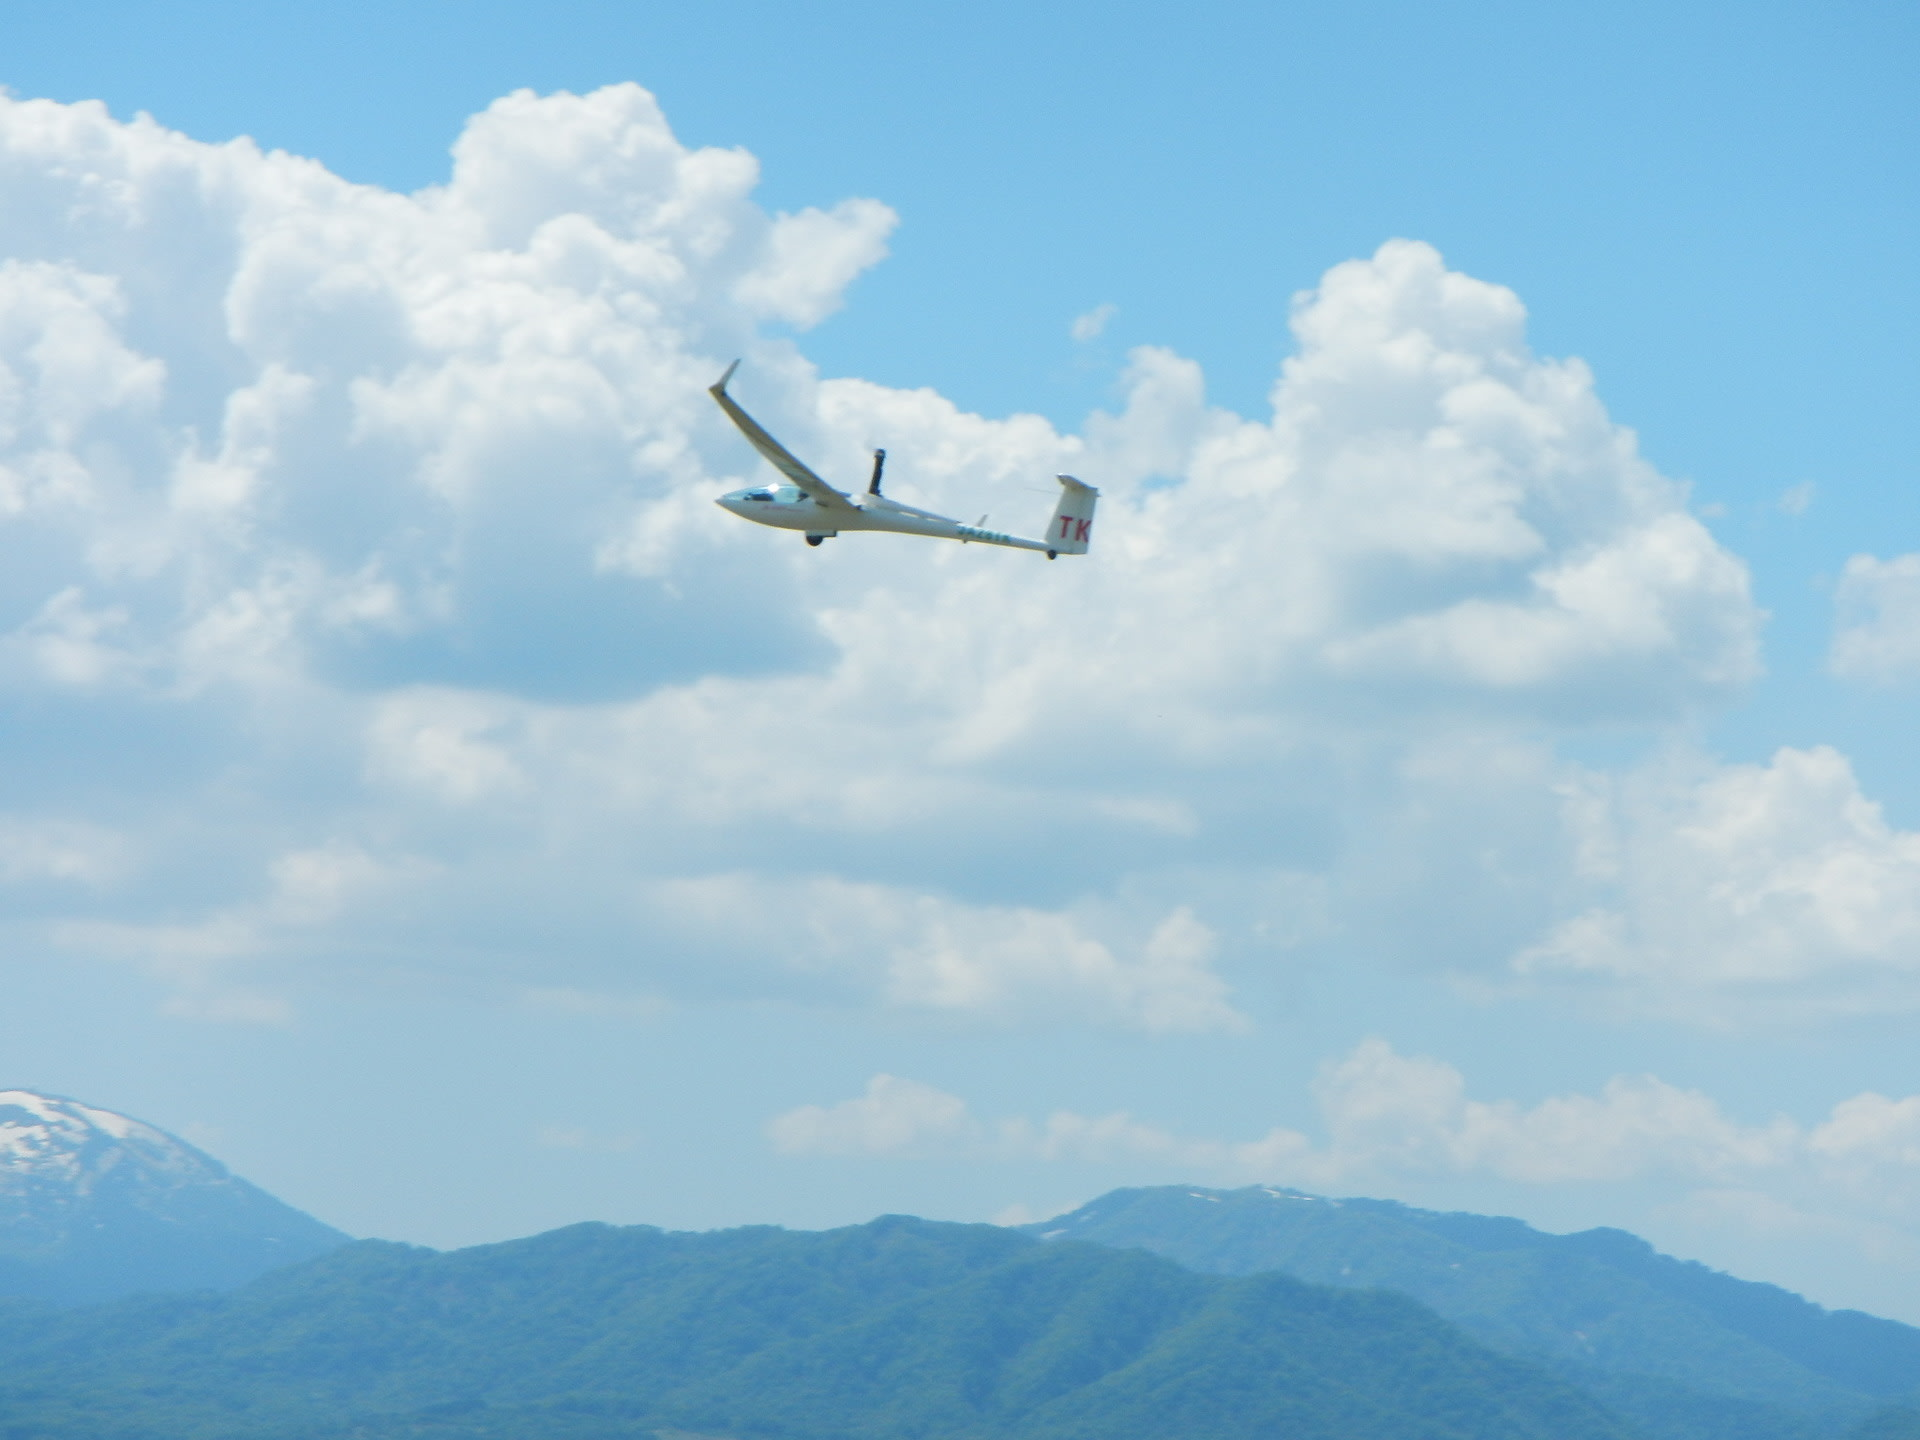 軽飛行機に曳航されて飛び立つグライダー 北海道−滝川から